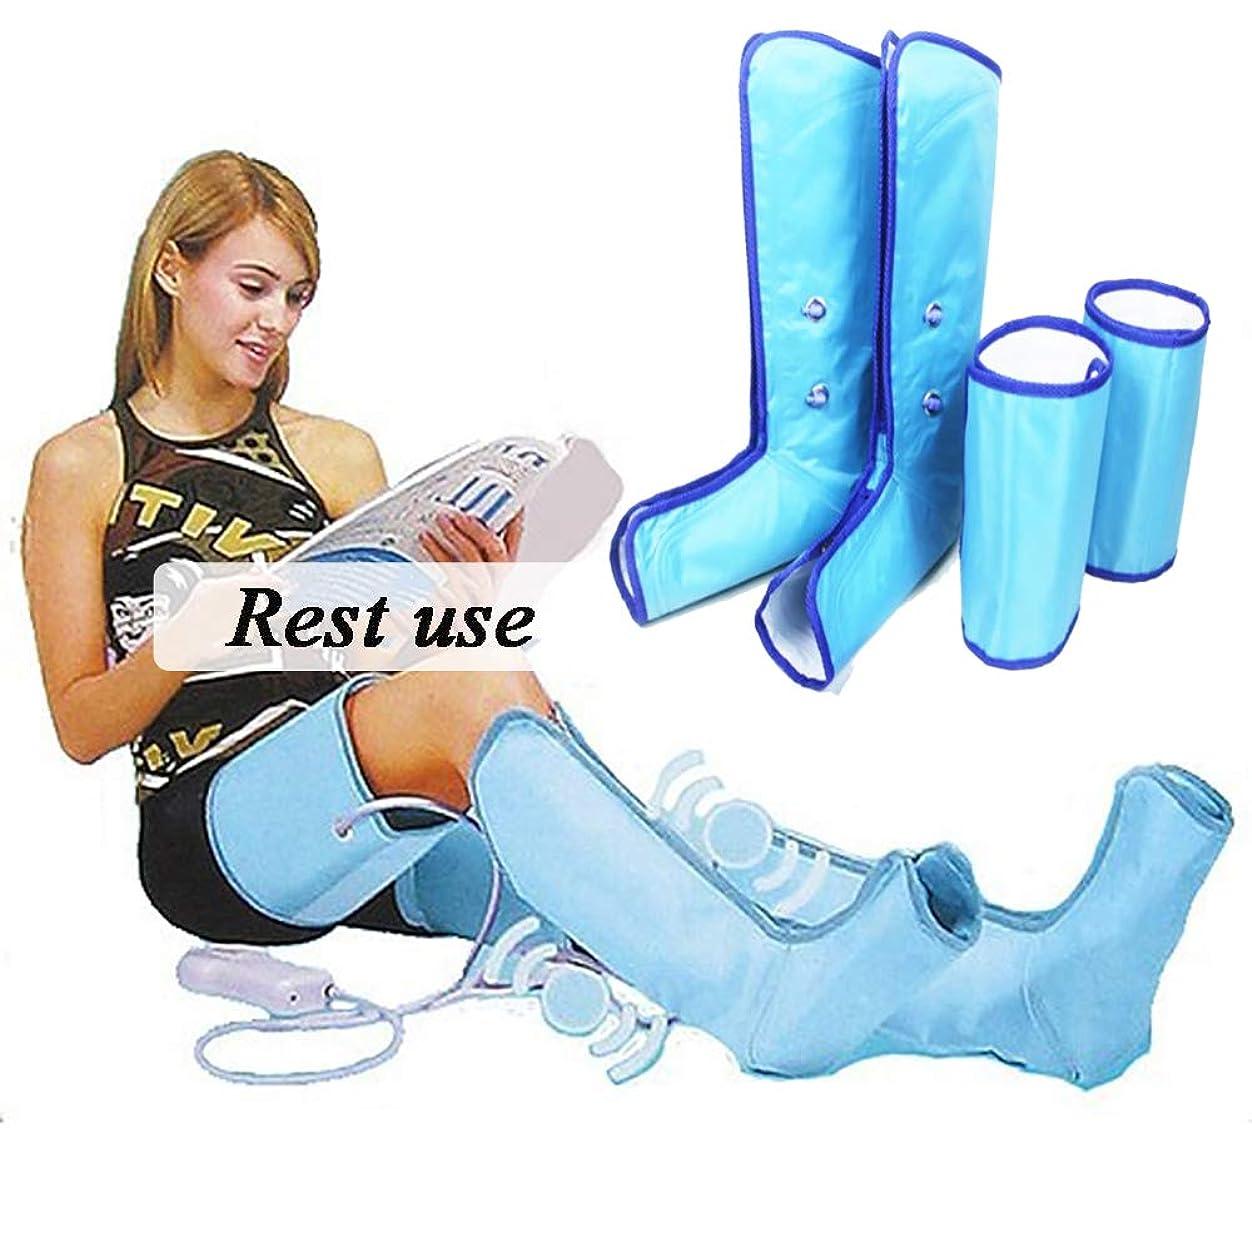 足のマッサージトマッサージャー循環と筋肉のリラクゼーションに役立つ足とふくらはぎの空気圧縮マッサージを備えたレッグマッサージャー